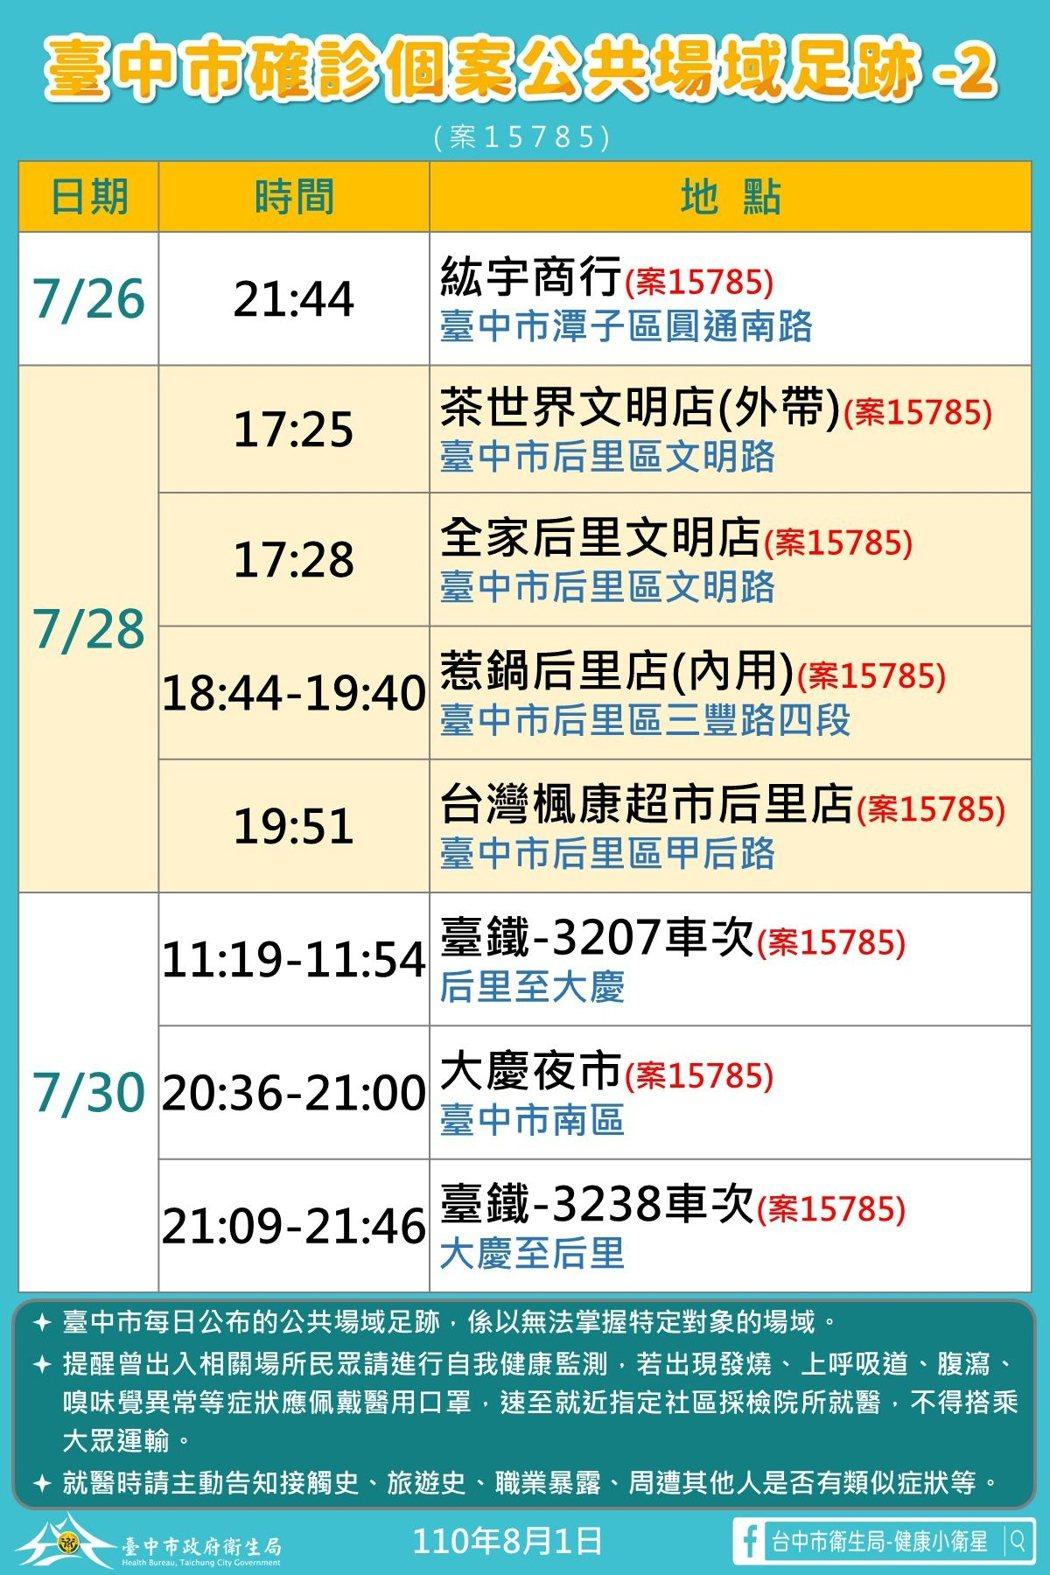 台中市今新增本土確診1例,是后里區24歲男性工程師案15785,市府公布其足跡。...